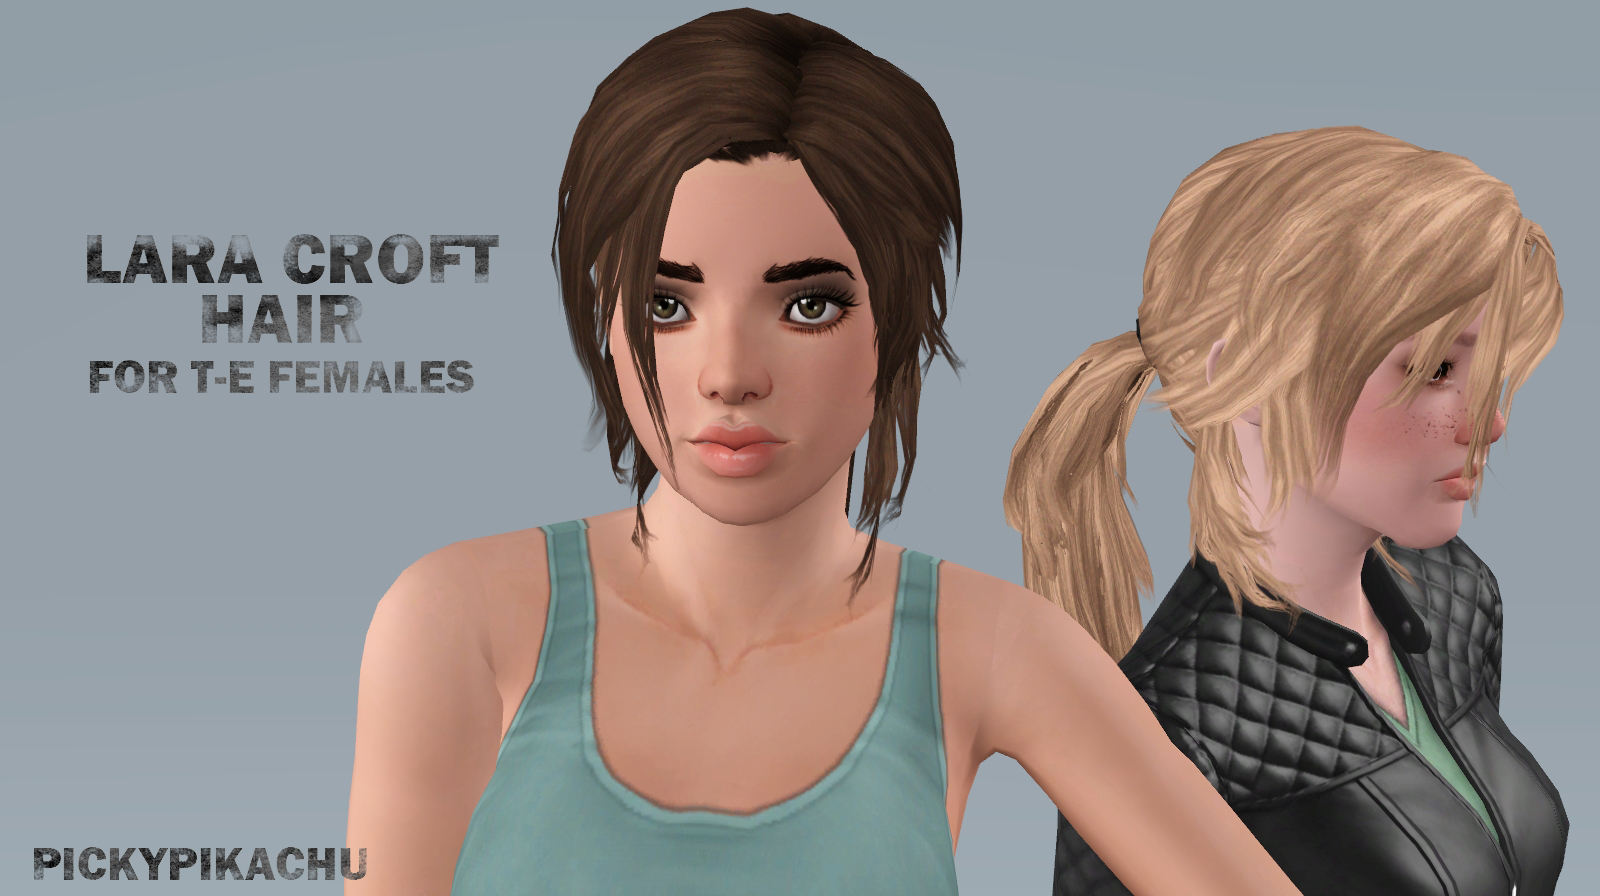 Lara croft hair porno pic